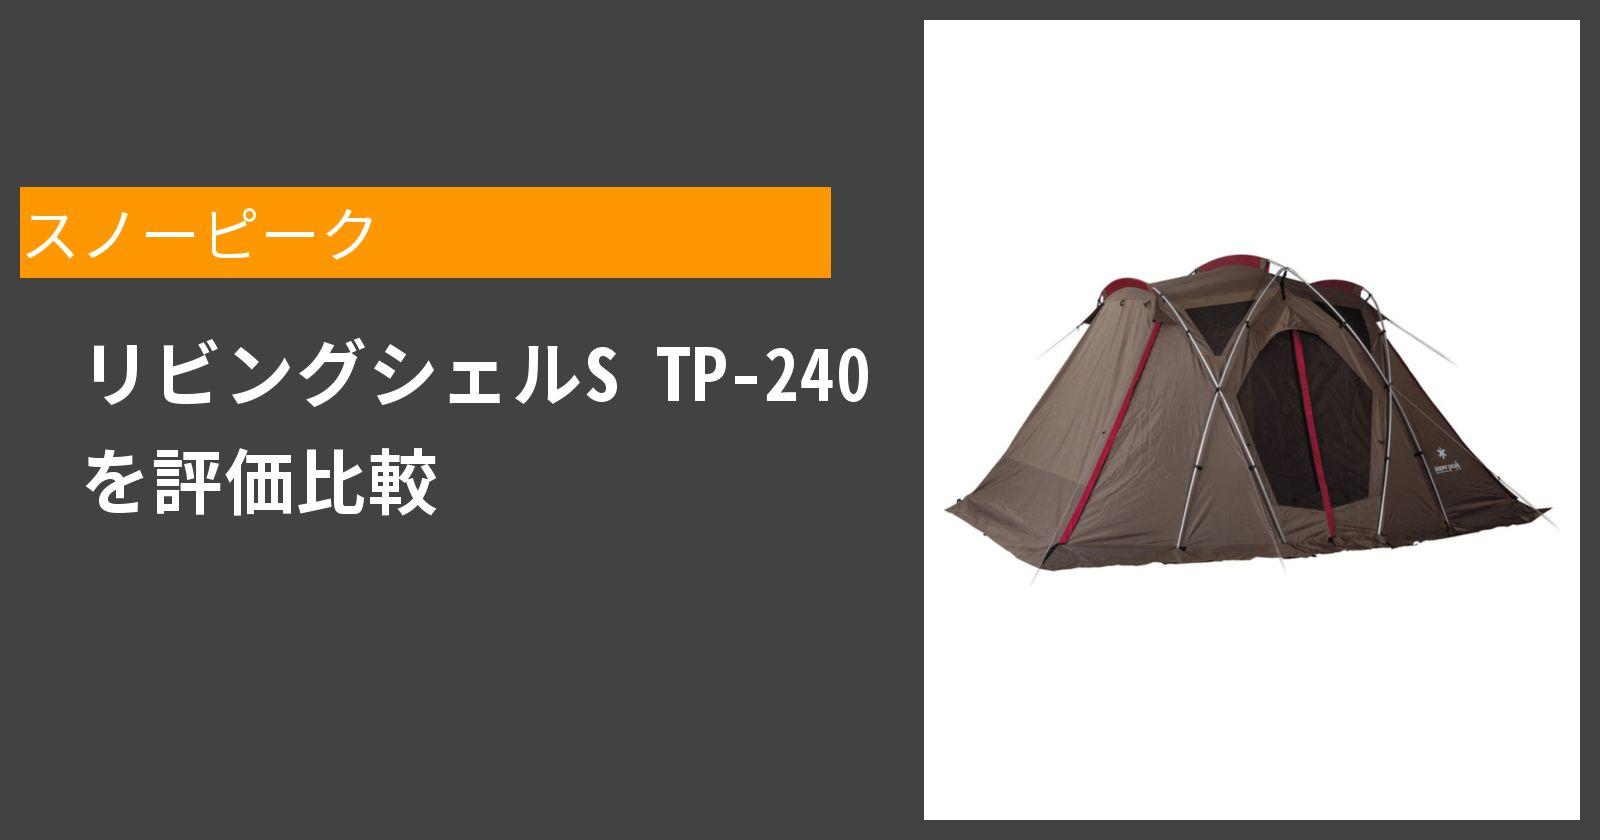 リビングシェルS TP-240を徹底評価